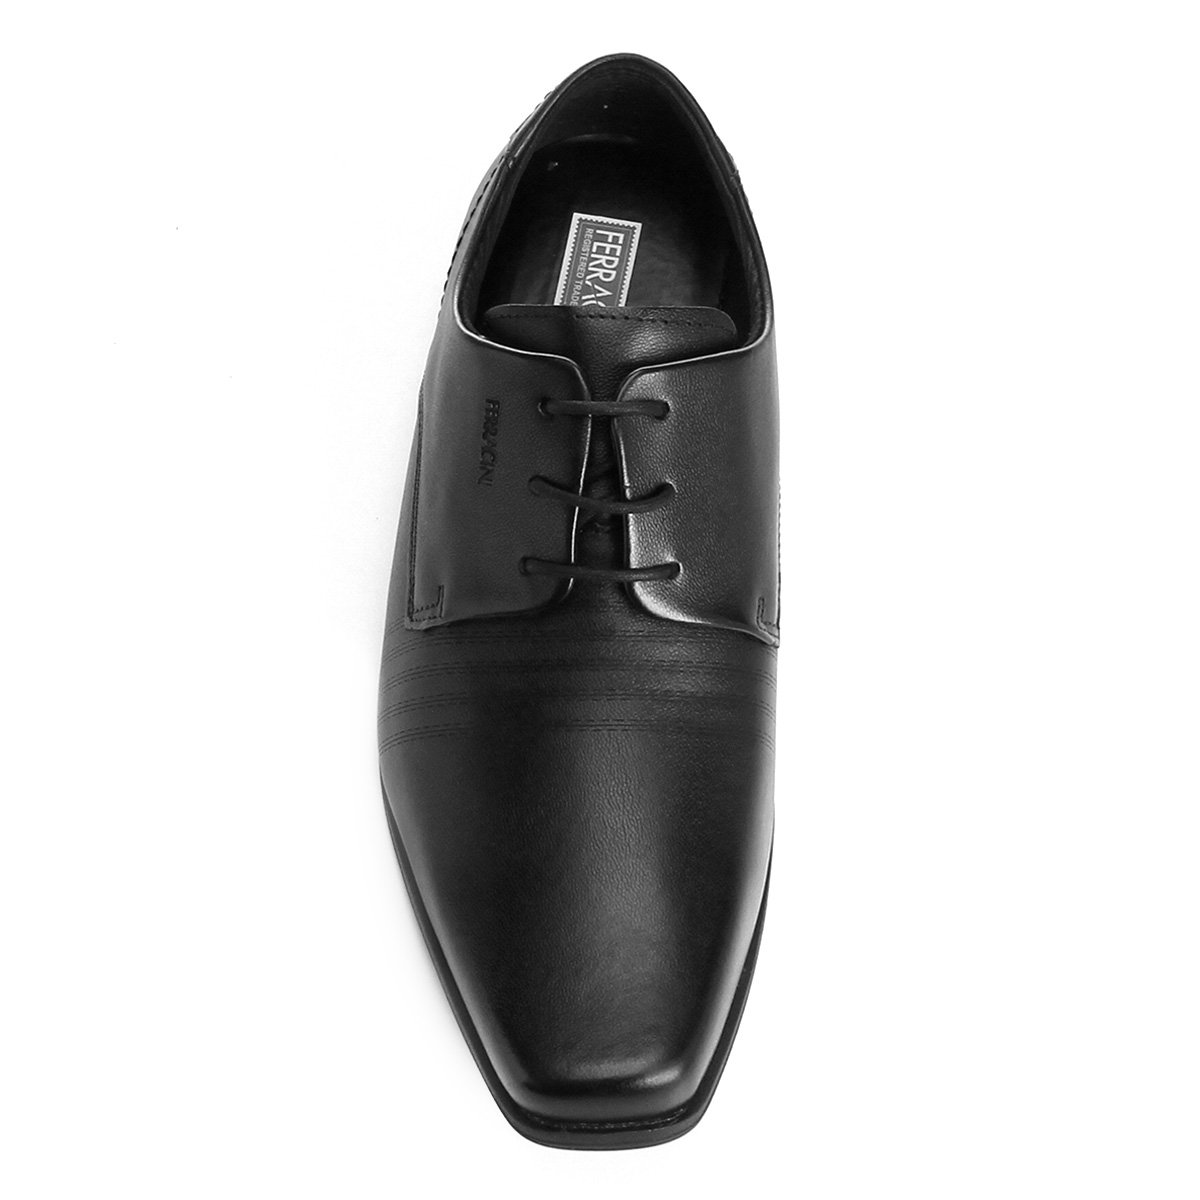 Sapato Ferracini Masculino Social Social Couro Couro Amarração Amarração Ferracini Sapato Preto Preto Masculino Sapato gdfBqvxS